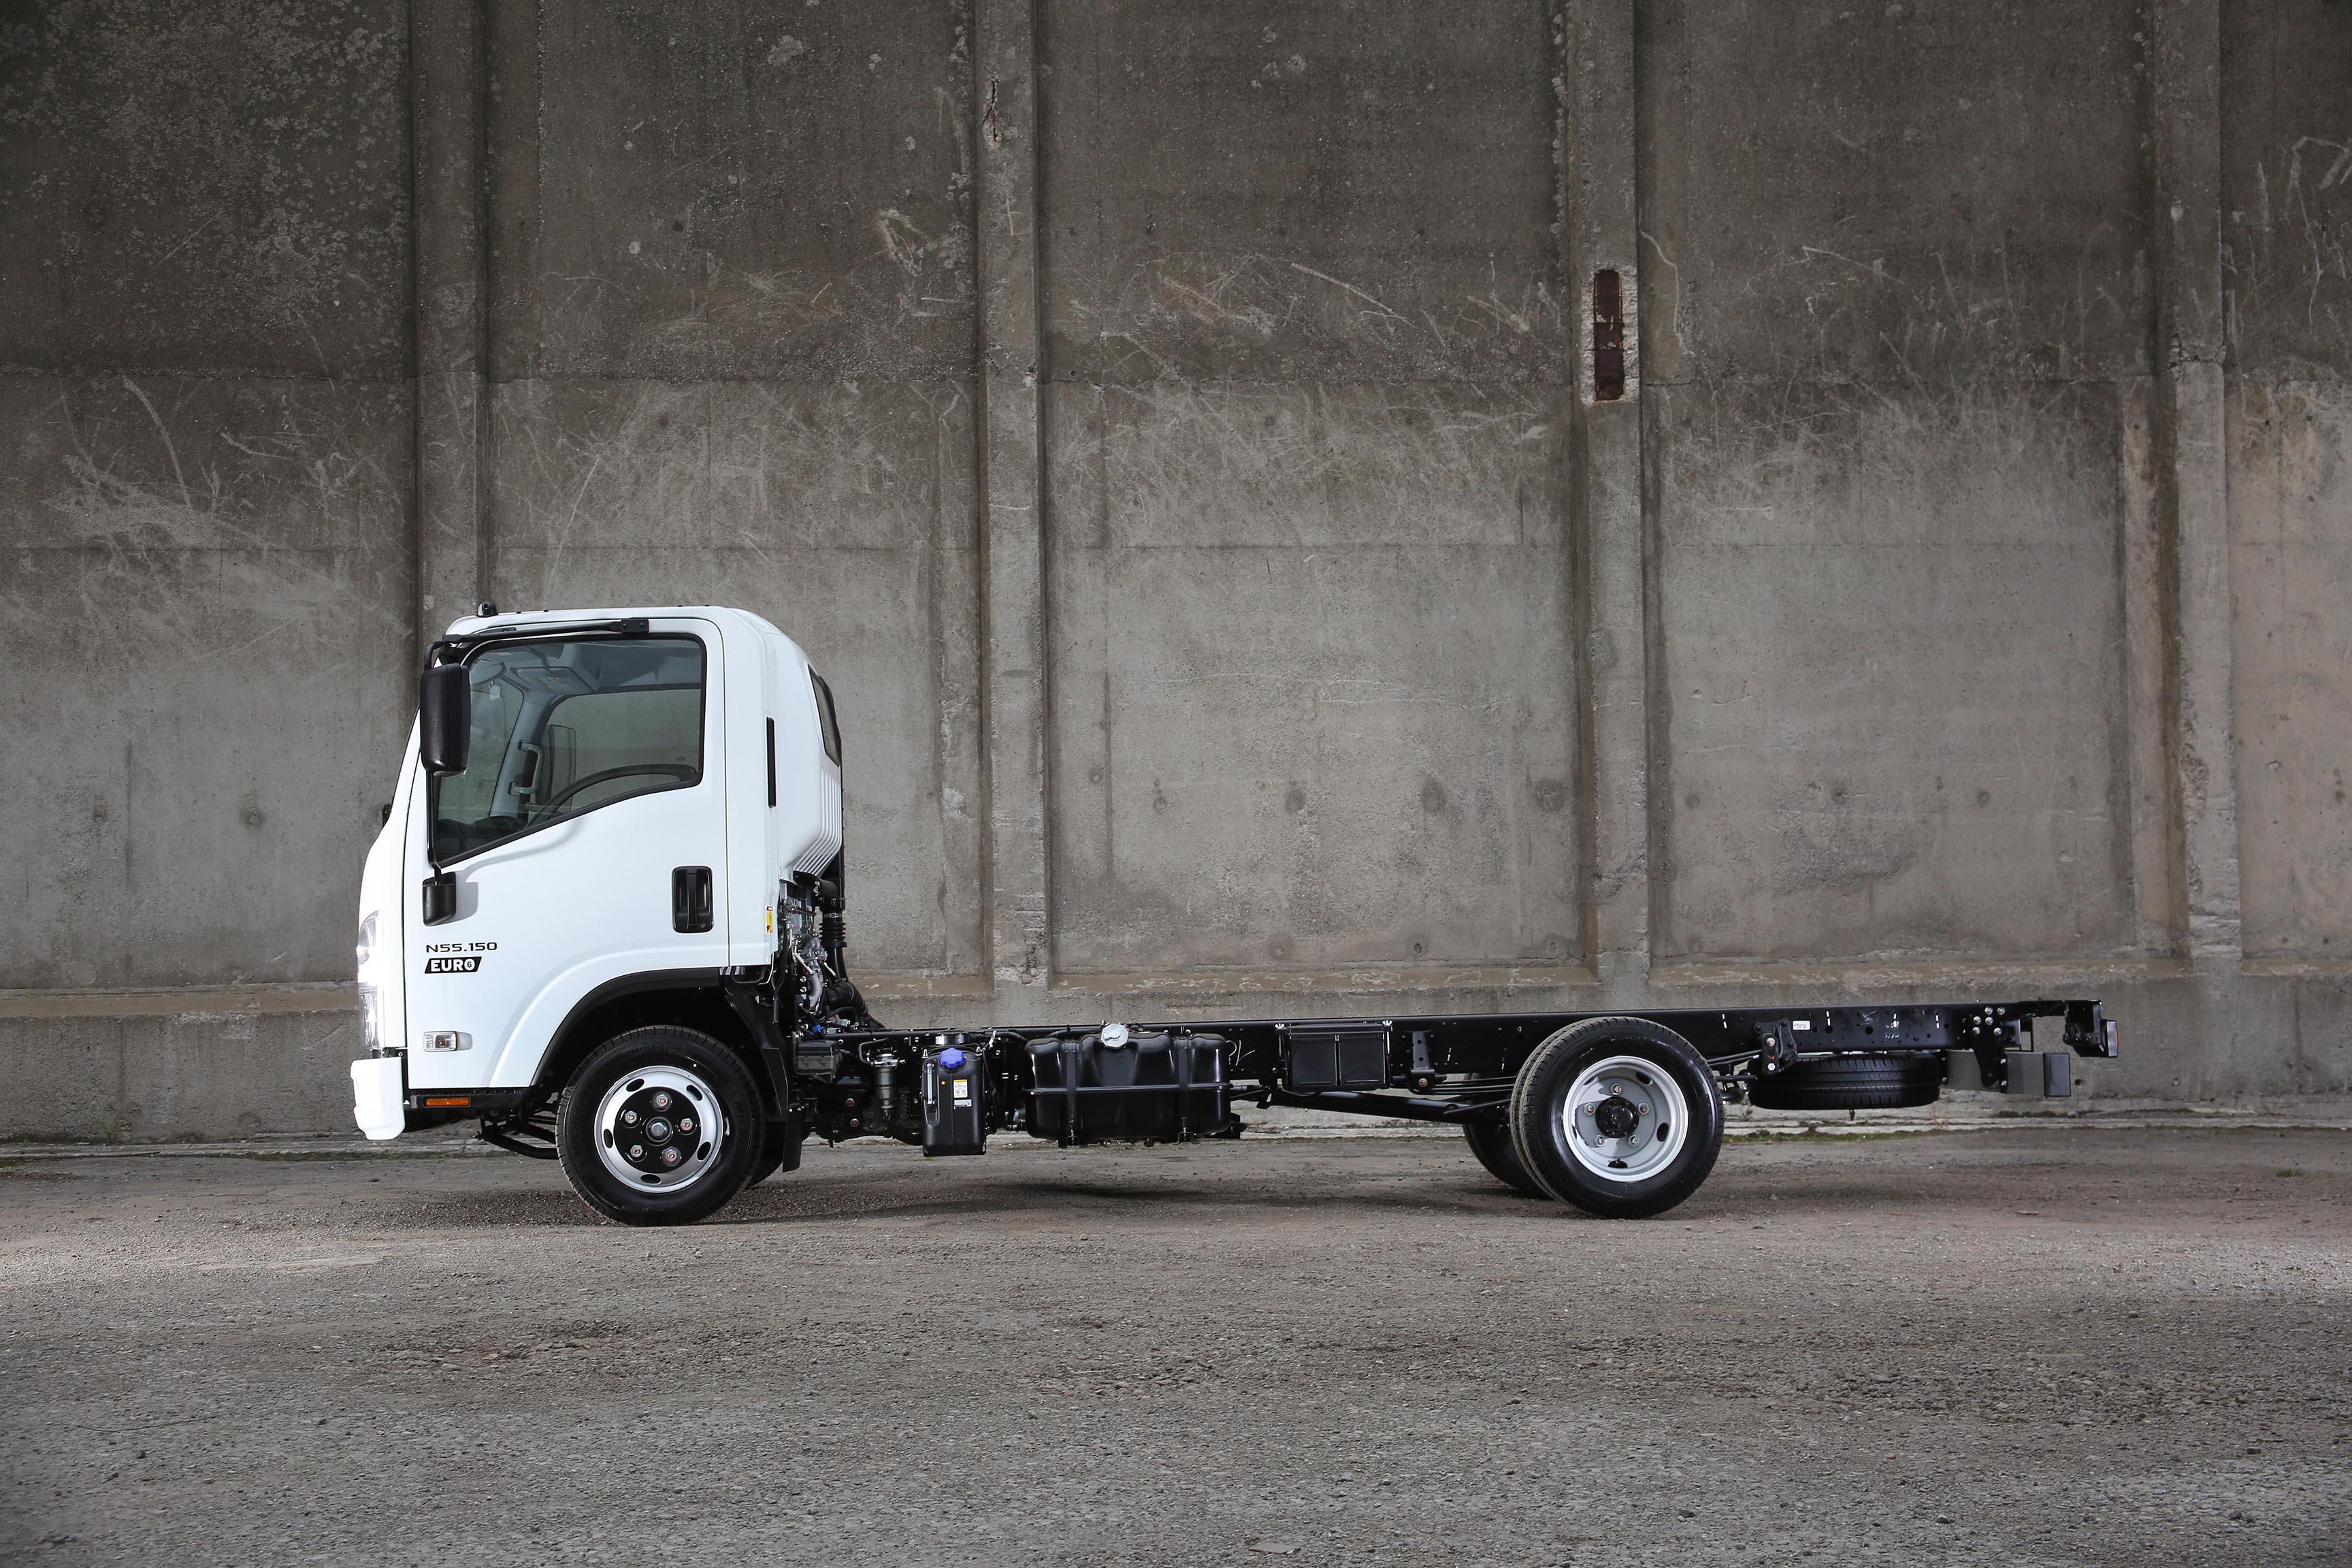 7.5 tonne Truck from Isuzu